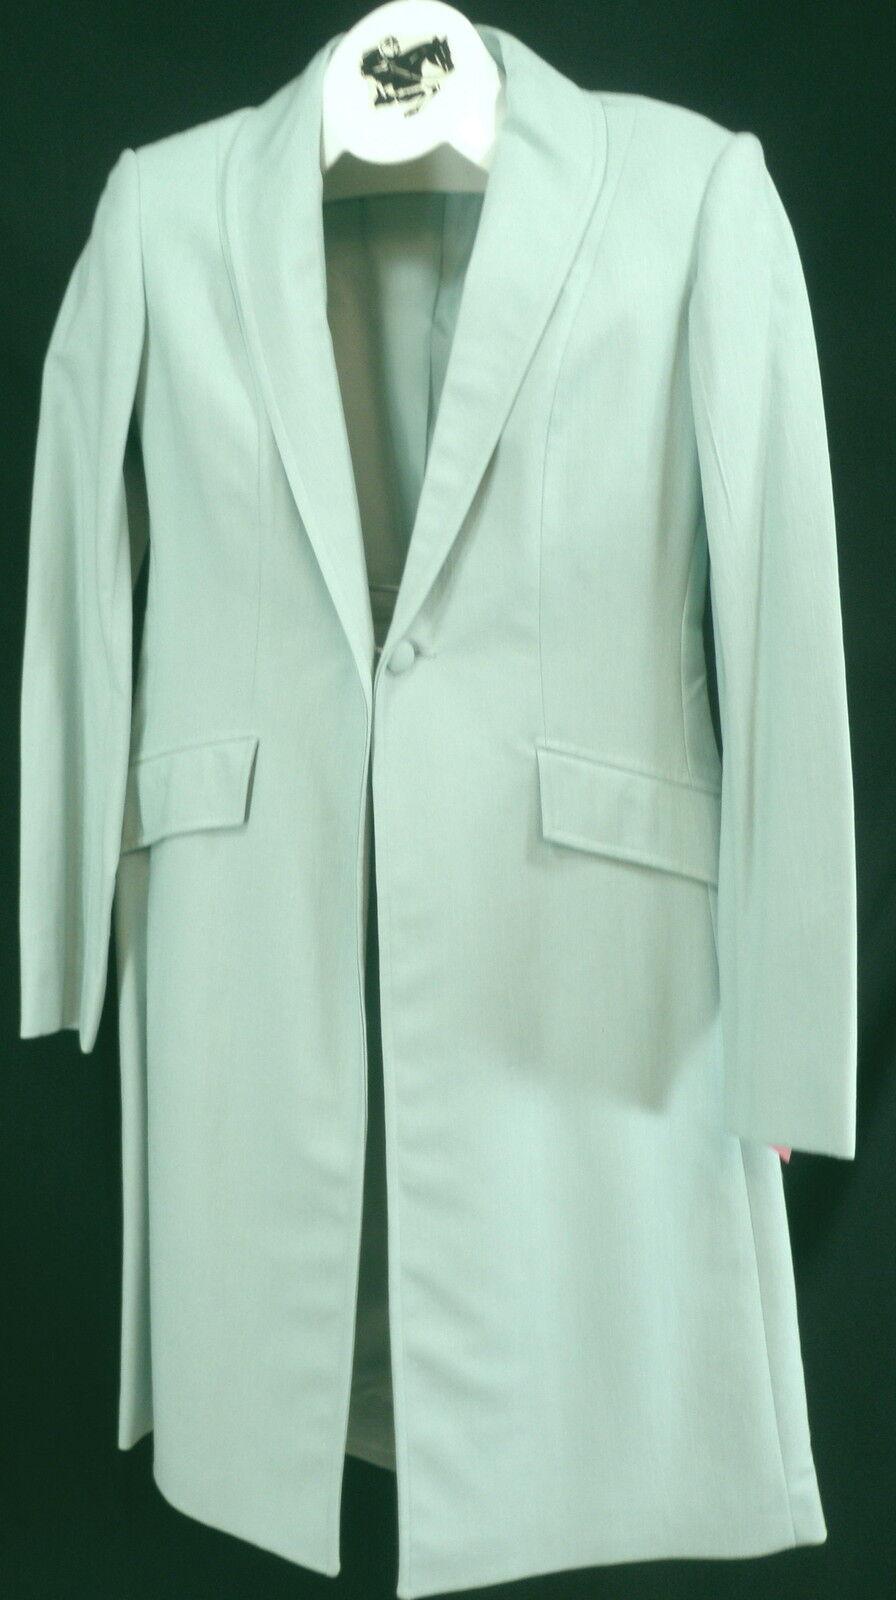 Reed  Hill saddleseat Ladies días de abrigo Seafoam Mezcla De Lino Talla 10-Usa  echa un vistazo a los más baratos